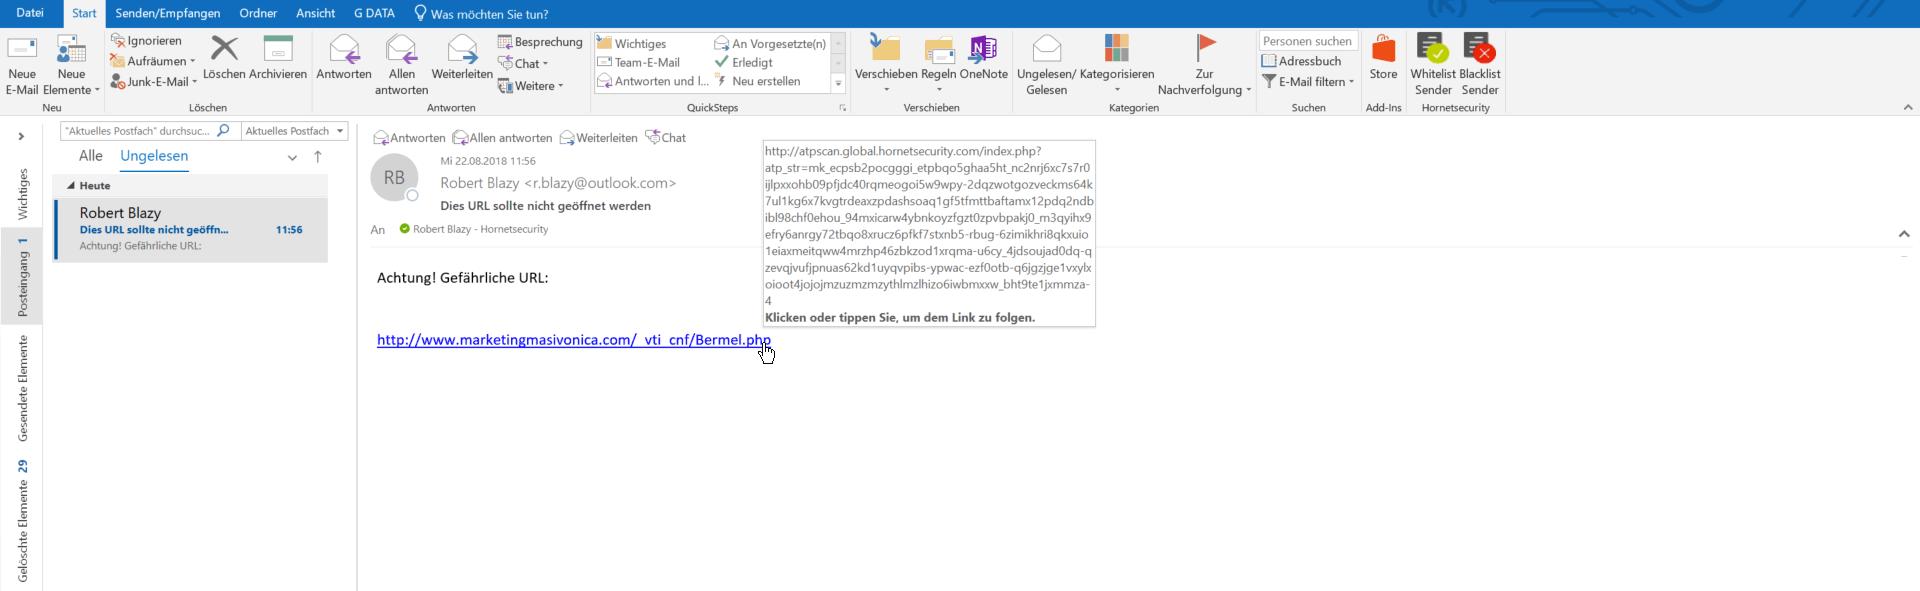 Ein Screenshot der Funktion URL Malware Control im E-Mail Postfach.